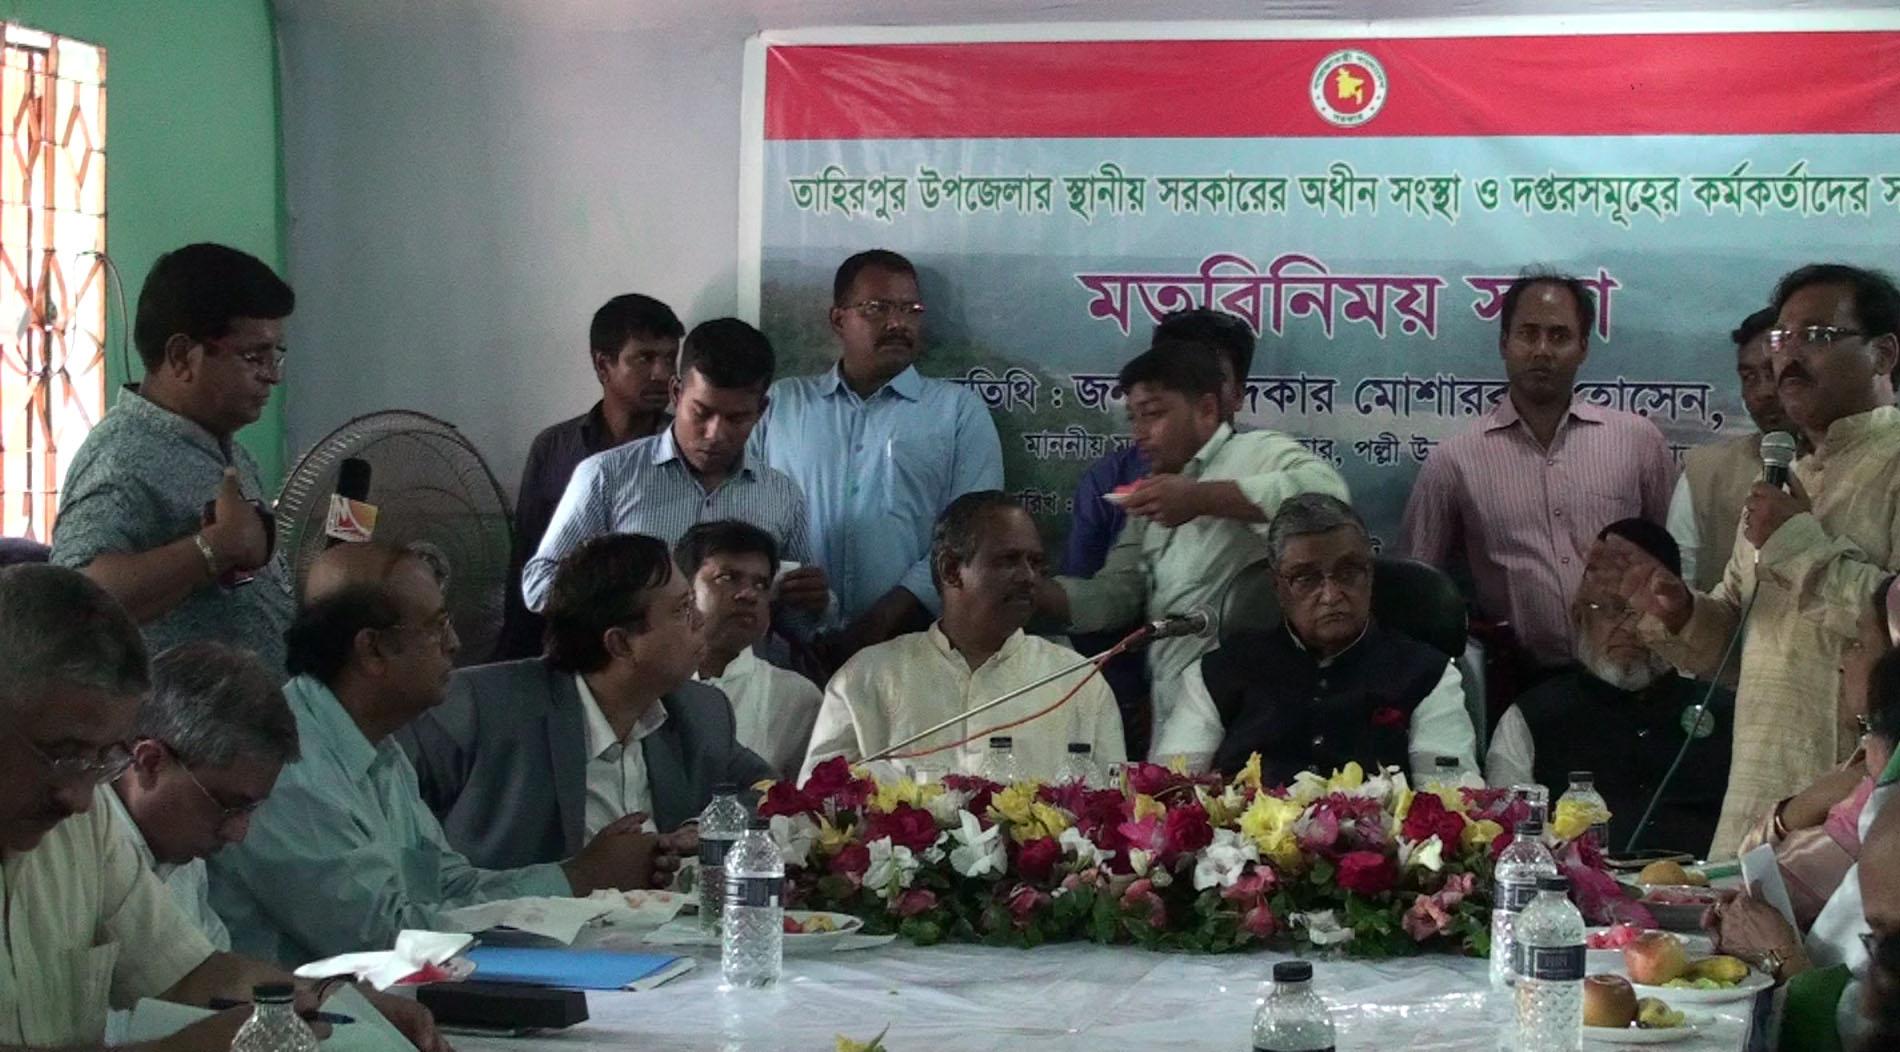 খালেদা জিয়াকে সরকার আটকে রাখেনি : সুনামগঞ্জে এলজিআরডি মন্ত্রী